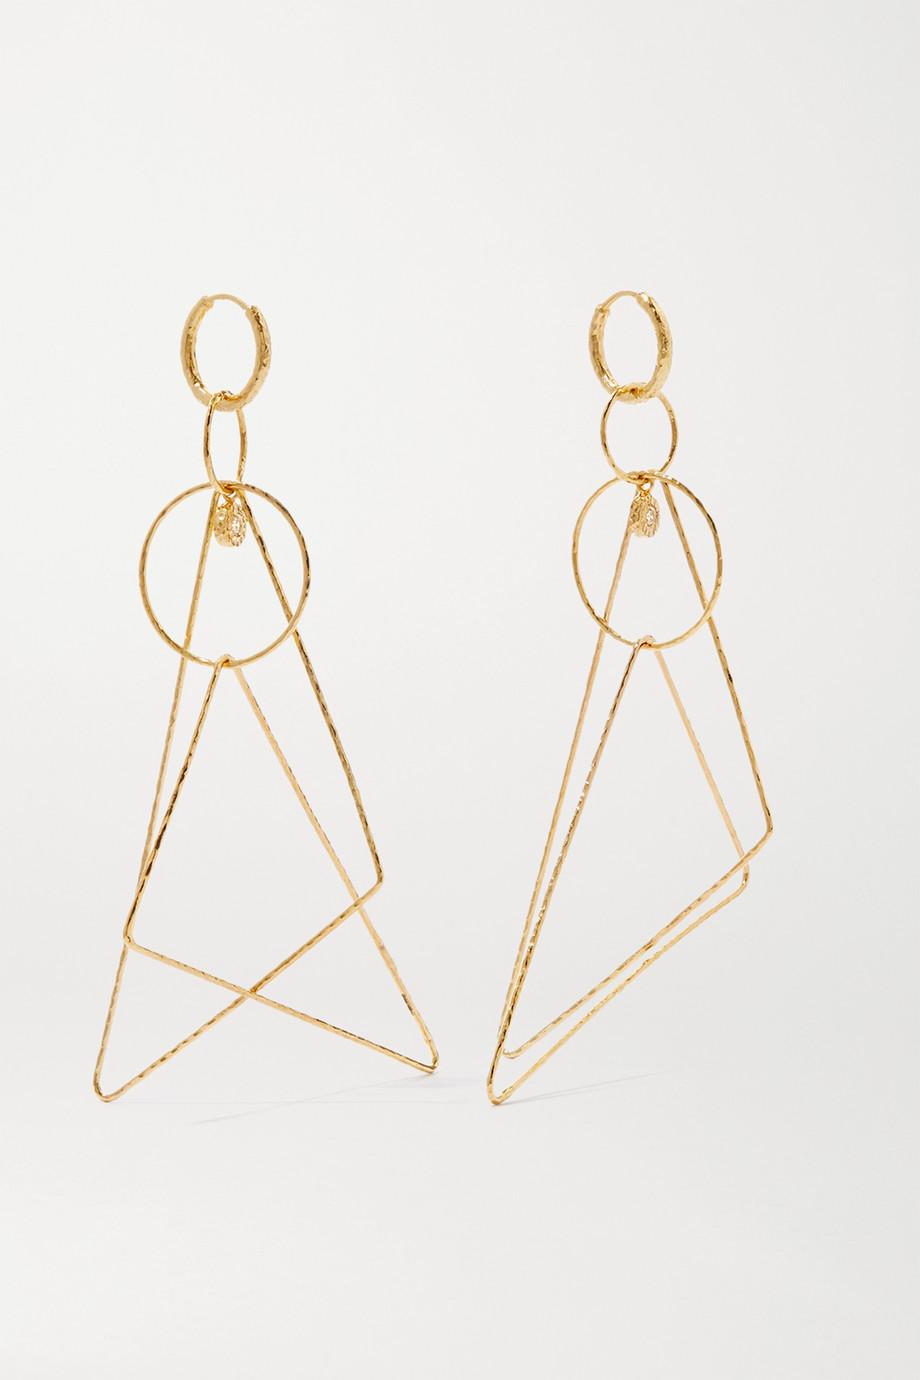 Octavia Elizabeth + NET SUSTAIN Whimsy Creolen aus recyceltem 18 Karat Gold mit Diamanten